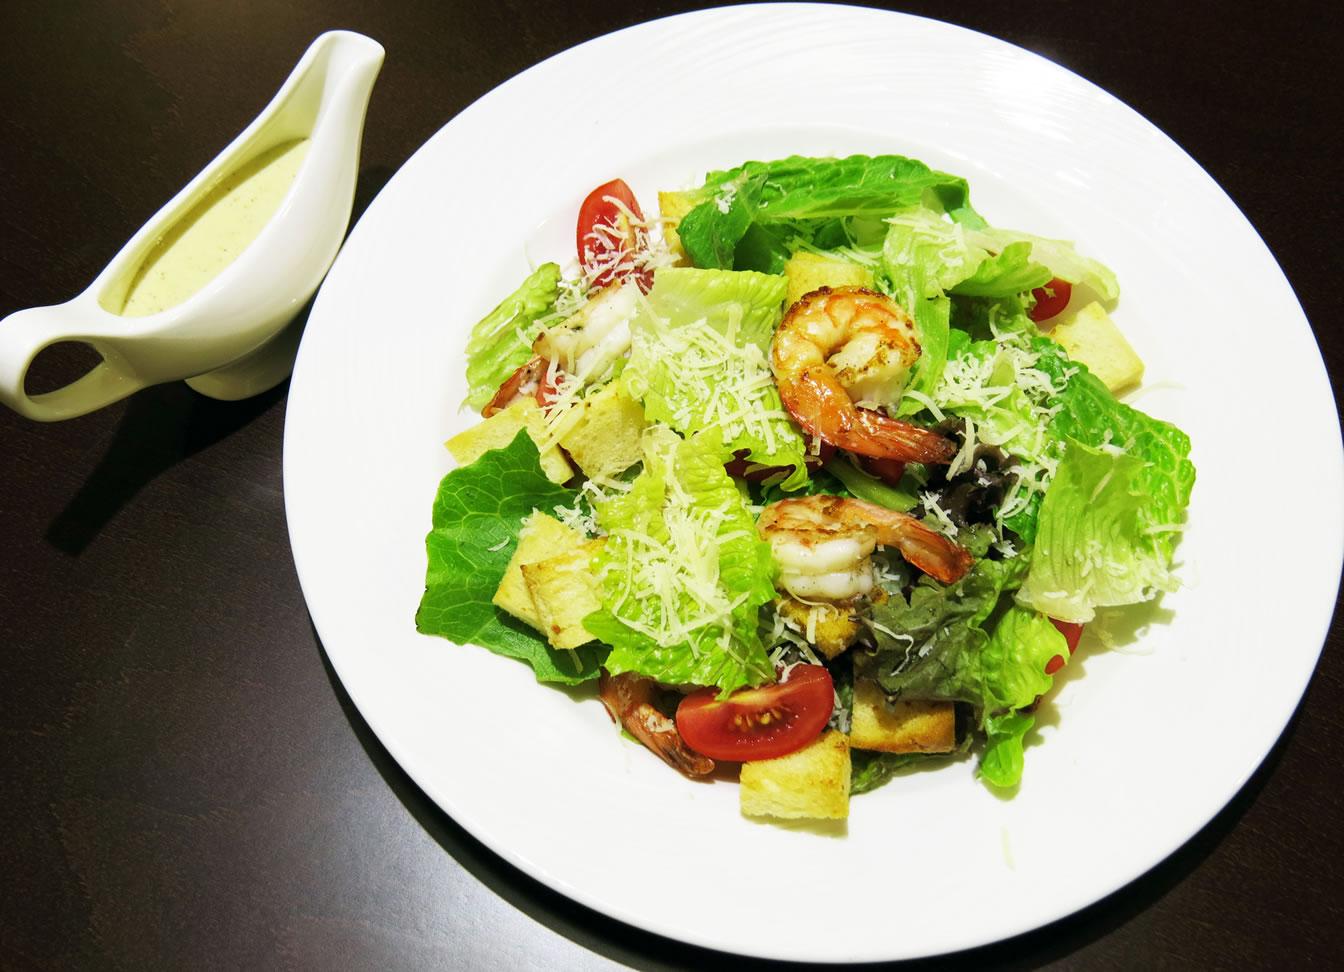 салат Цезарь с креветками ресторан Аннам Брахма в Оренбурге